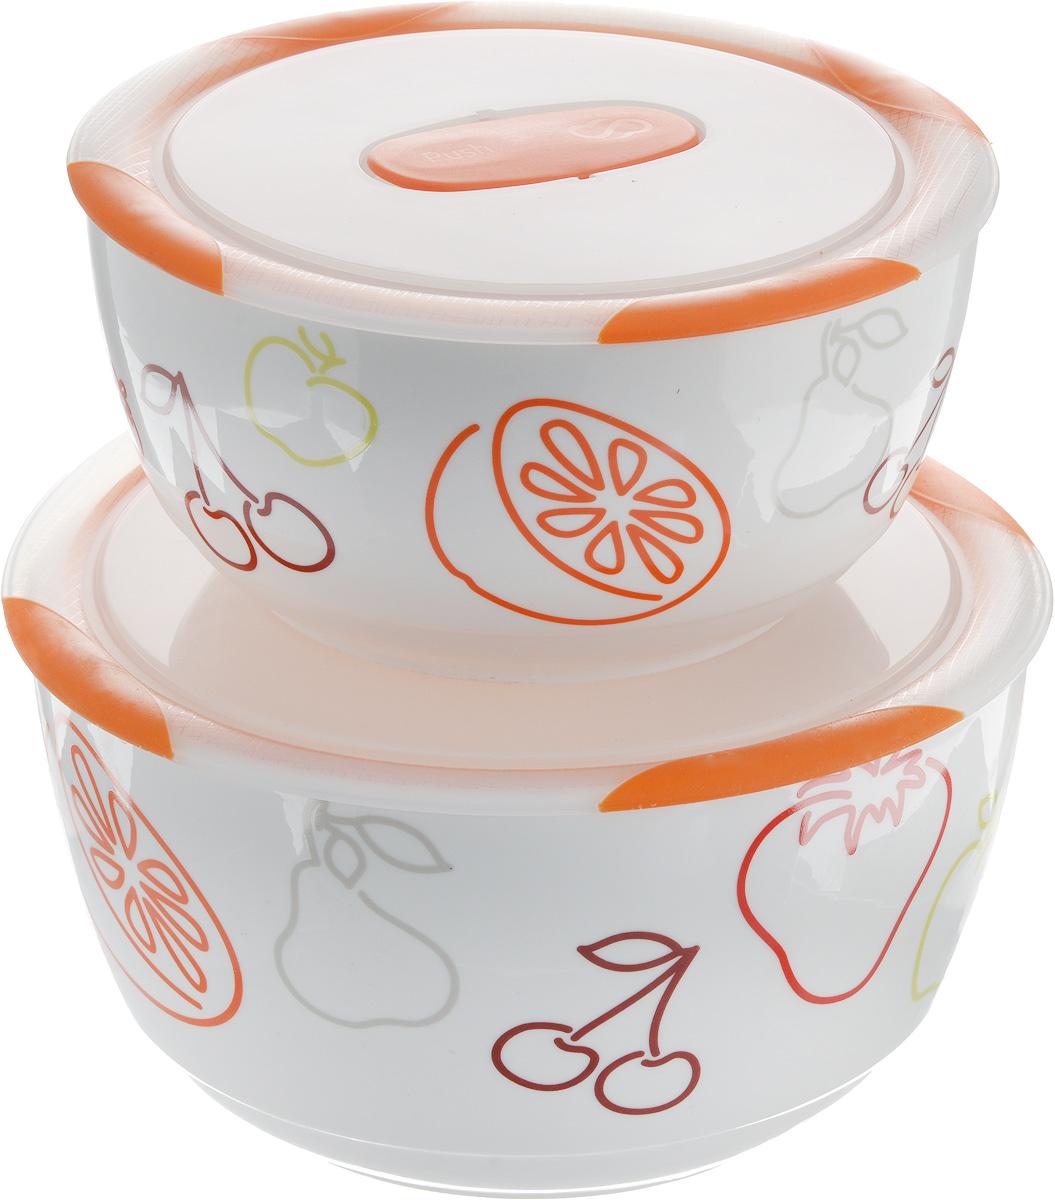 Набор мисок Oursson Bon Appetit, с крышками, цвет: оранжевый, белый, 2 шт68/5/3Набор Oursson состоит из четырех мисок разного размера, выполненных из керамики иоформленных рисунком. Керамика, из которой изготовлены емкости, выдерживает температурудо 250°С, поэтому подать блюда на стол можно сразу после приготовления в микроволновойпечи или духовом шкафу. Миски снабжены плотно закрывающимися пластиковыми крышками с технологией Clip Fresh.Такой набор прекрасно подходит для хранения продуктов и соусов без проливания, которые непрольются при переноске благодаря силиконовому уплотнителю, обеспечивающему 100%герметичность. Миски являются универсальным приобретением для любой кухни. С их помощью можноготовить блюда, хранить продукты и даже сервировать стол. Оригинальный дизайн, высокоекачество ифункциональность набора Oursson позволят ему стать достойным дополнением к вашемукухонному инвентарю. Можно мыть в посудомоечной машине.Характеристика емкости №1:Объем: 3 л. Высота стенки: 11,3 см.Диаметр (по верхнему краю): 21,3 см.Характеристика емкости №2:Объем: 1,7 л. Высота стенки: 9 см. Диаметр (по верхнему краю): 18,1 см.